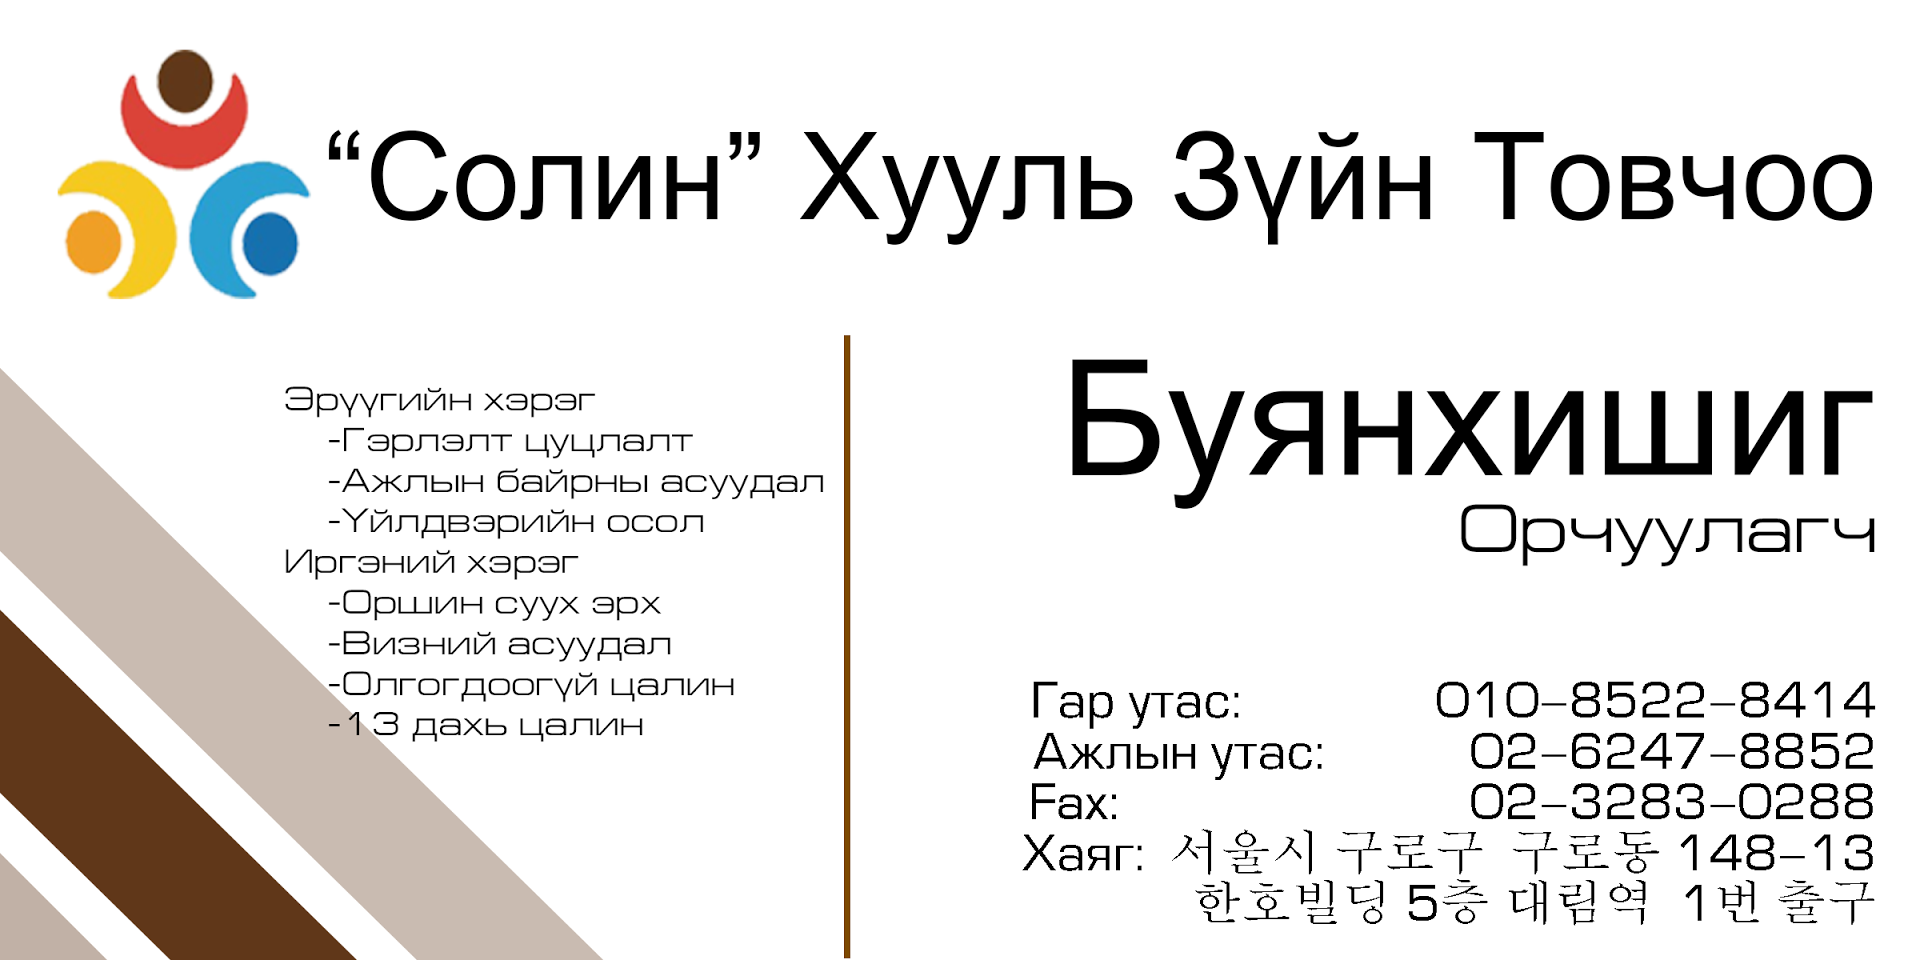 몽골 명함.png